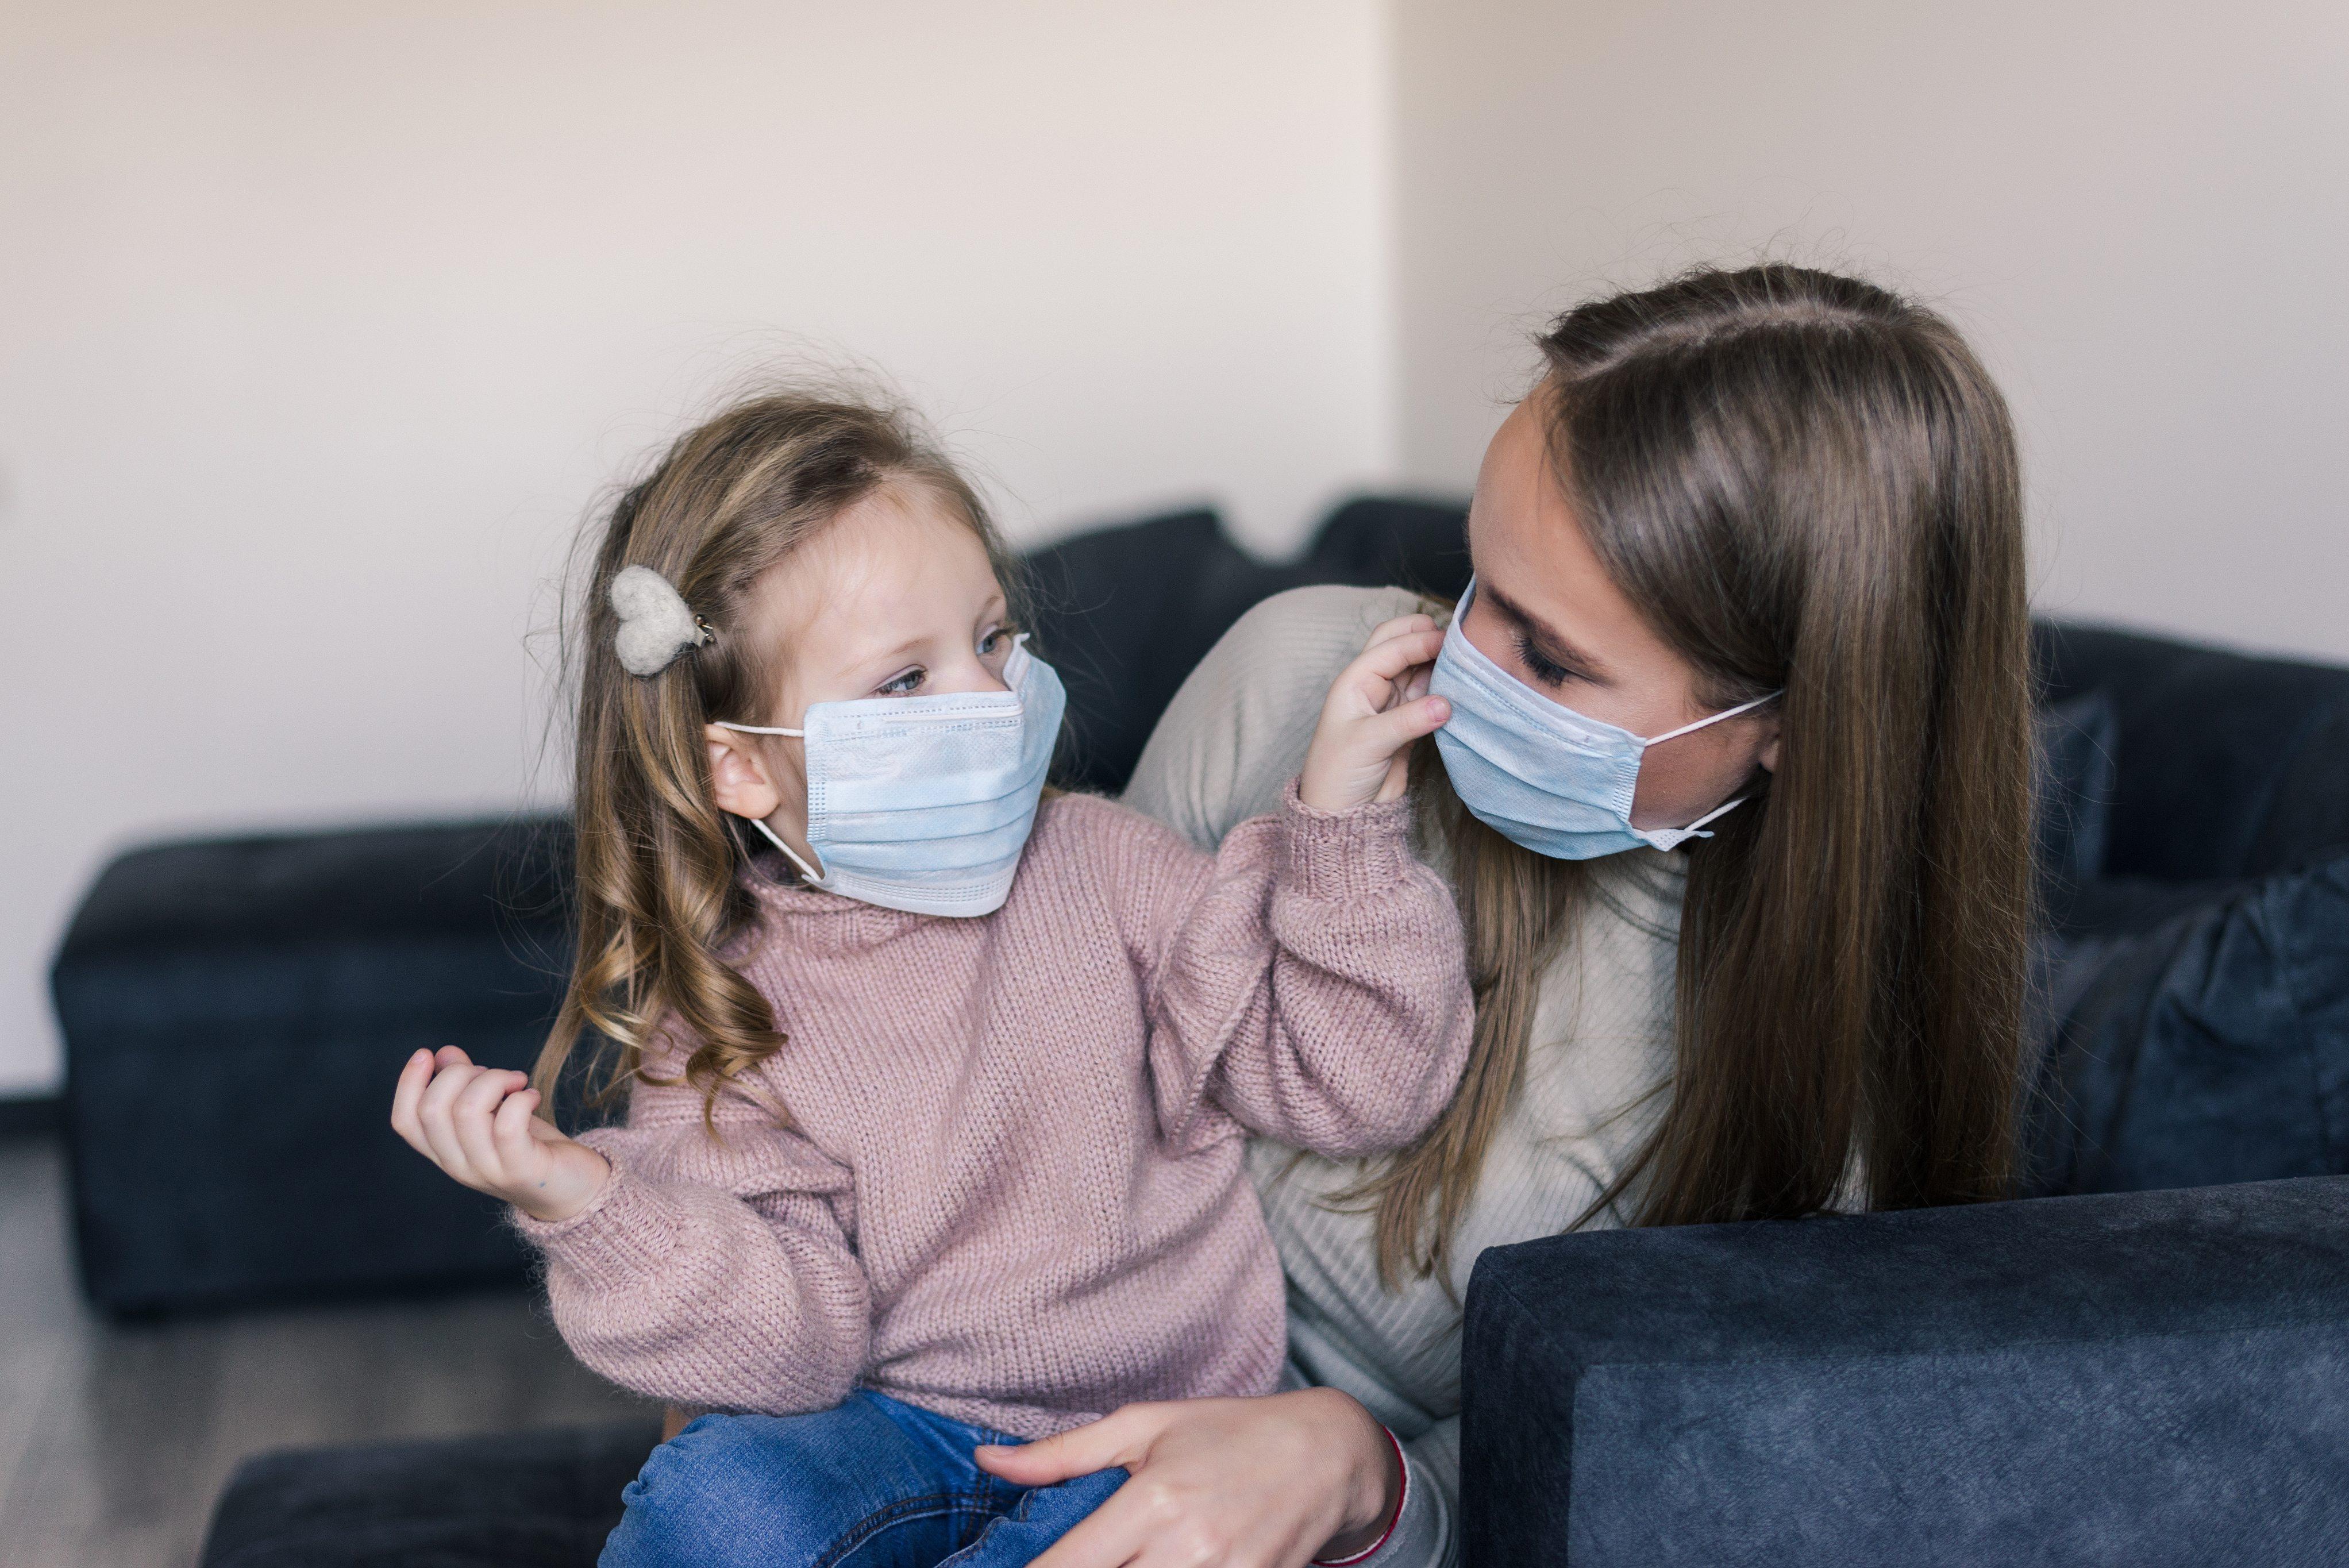 ¿Cómo respiras durante el uso de la mascarilla?